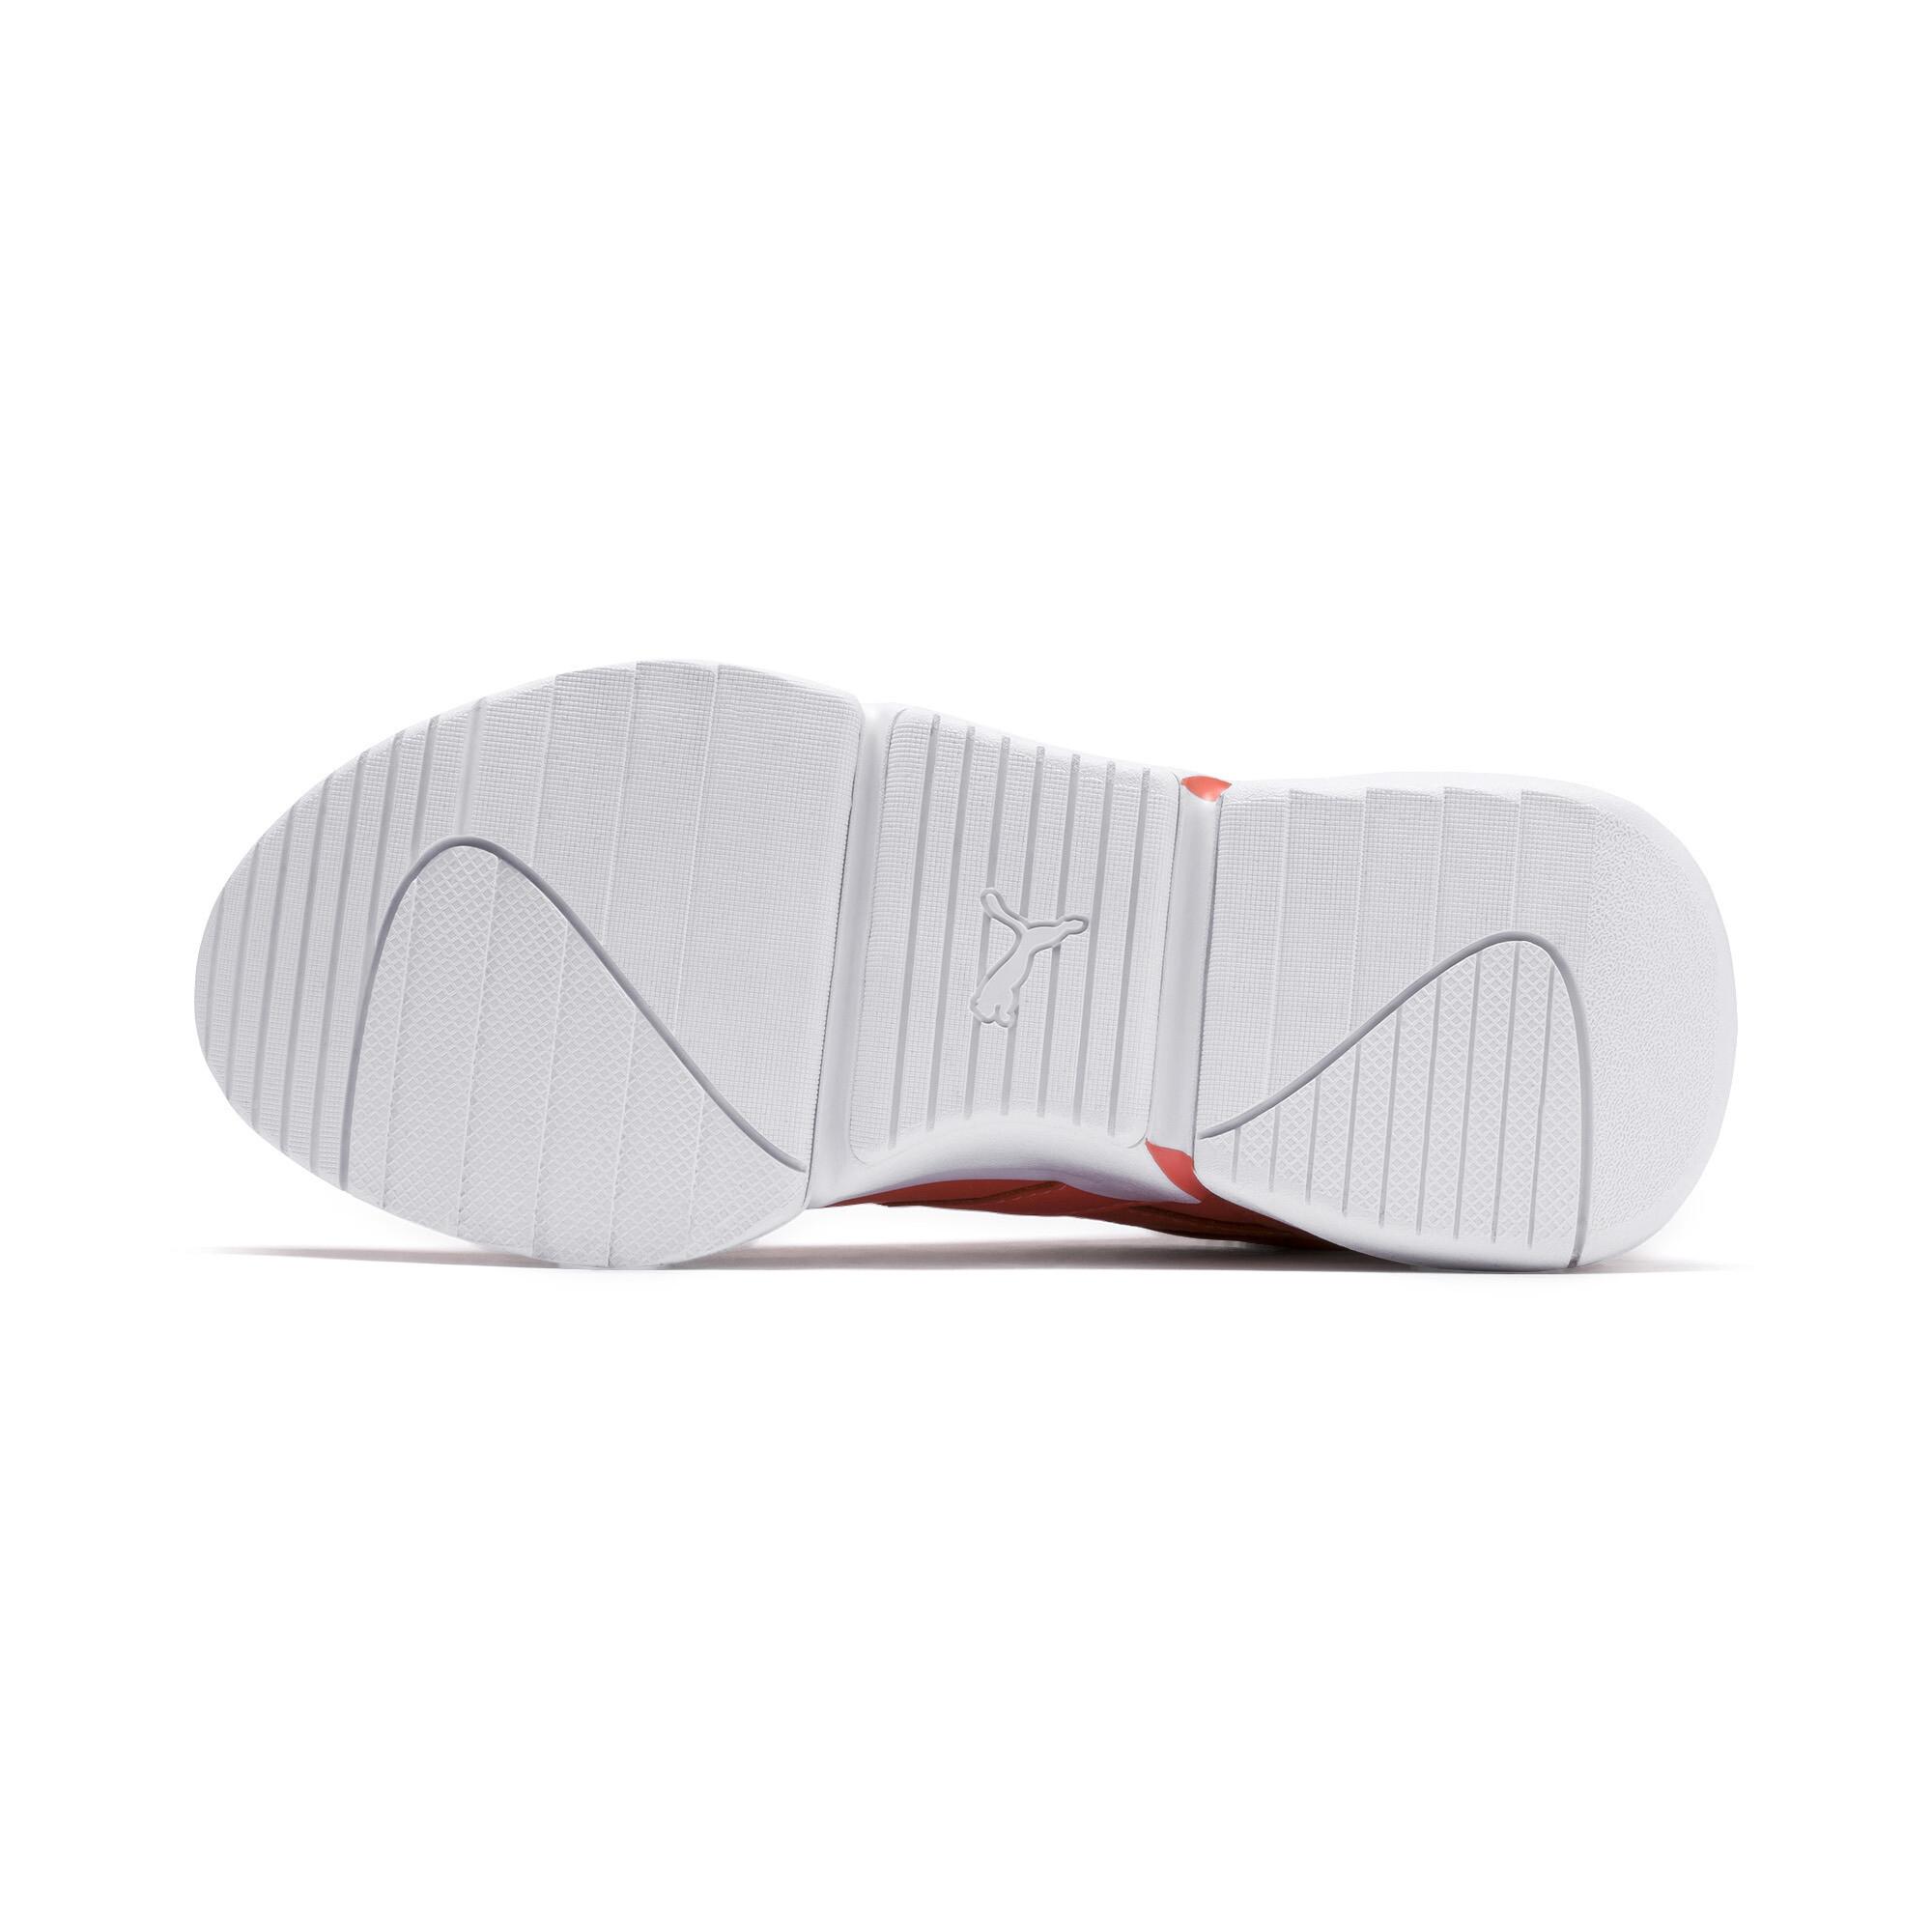 Zapatillas NOVA x PANTONE para mujer